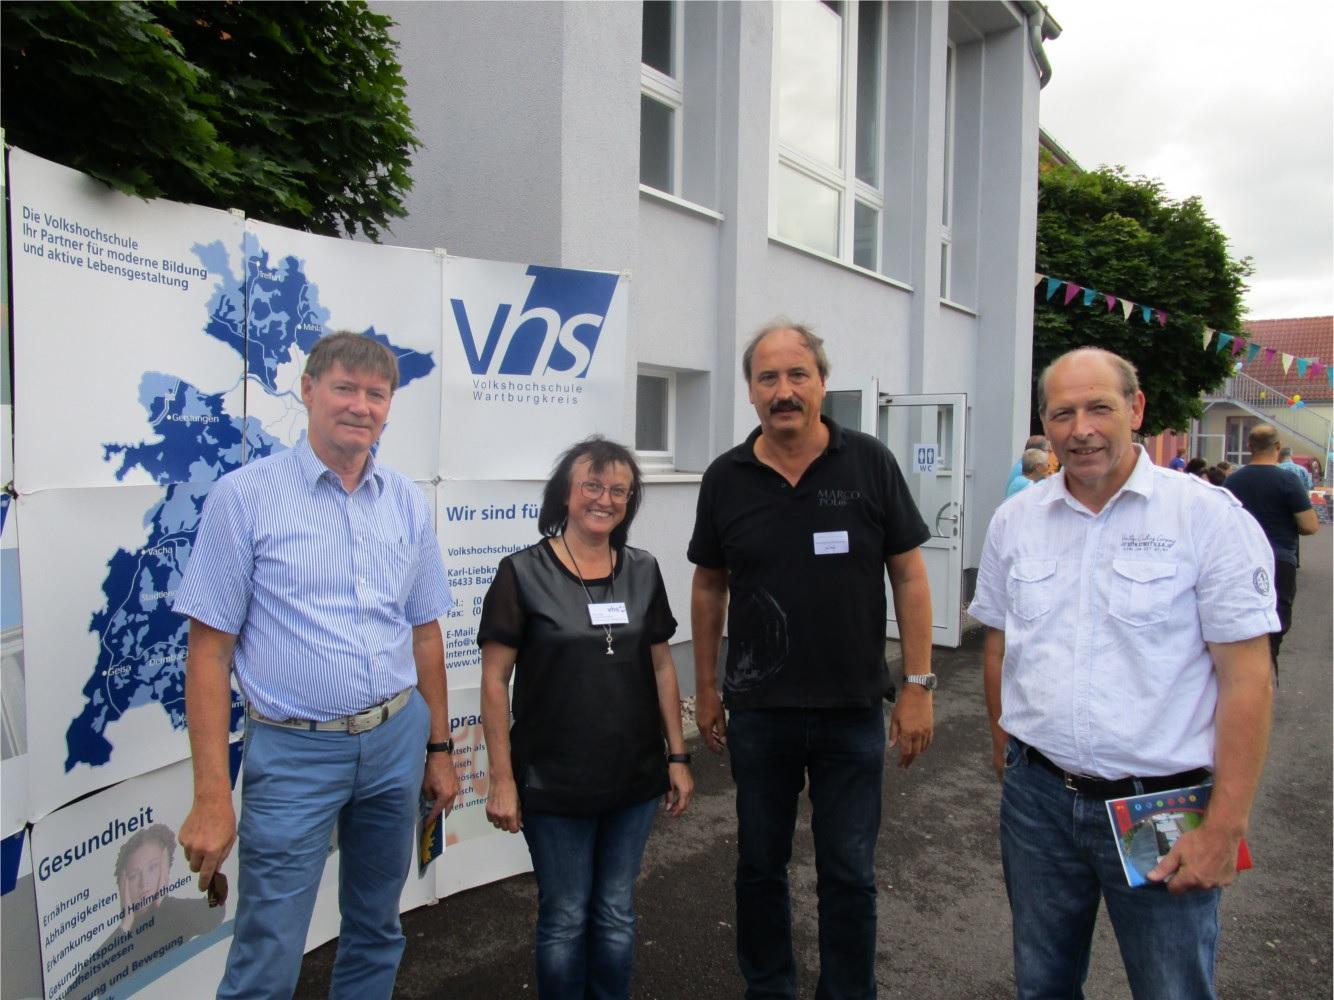 Jörg Lessig (Linke, 1.v.l.) und Jürgen Holland-Nell (1.v.r.) mit dem Leiter und einer Dozentin der Kreisvolkshochschule. Diese übernimmt derzeit eine wichtige Aufgabe bei der Bereitstellung von Integrationskursen.